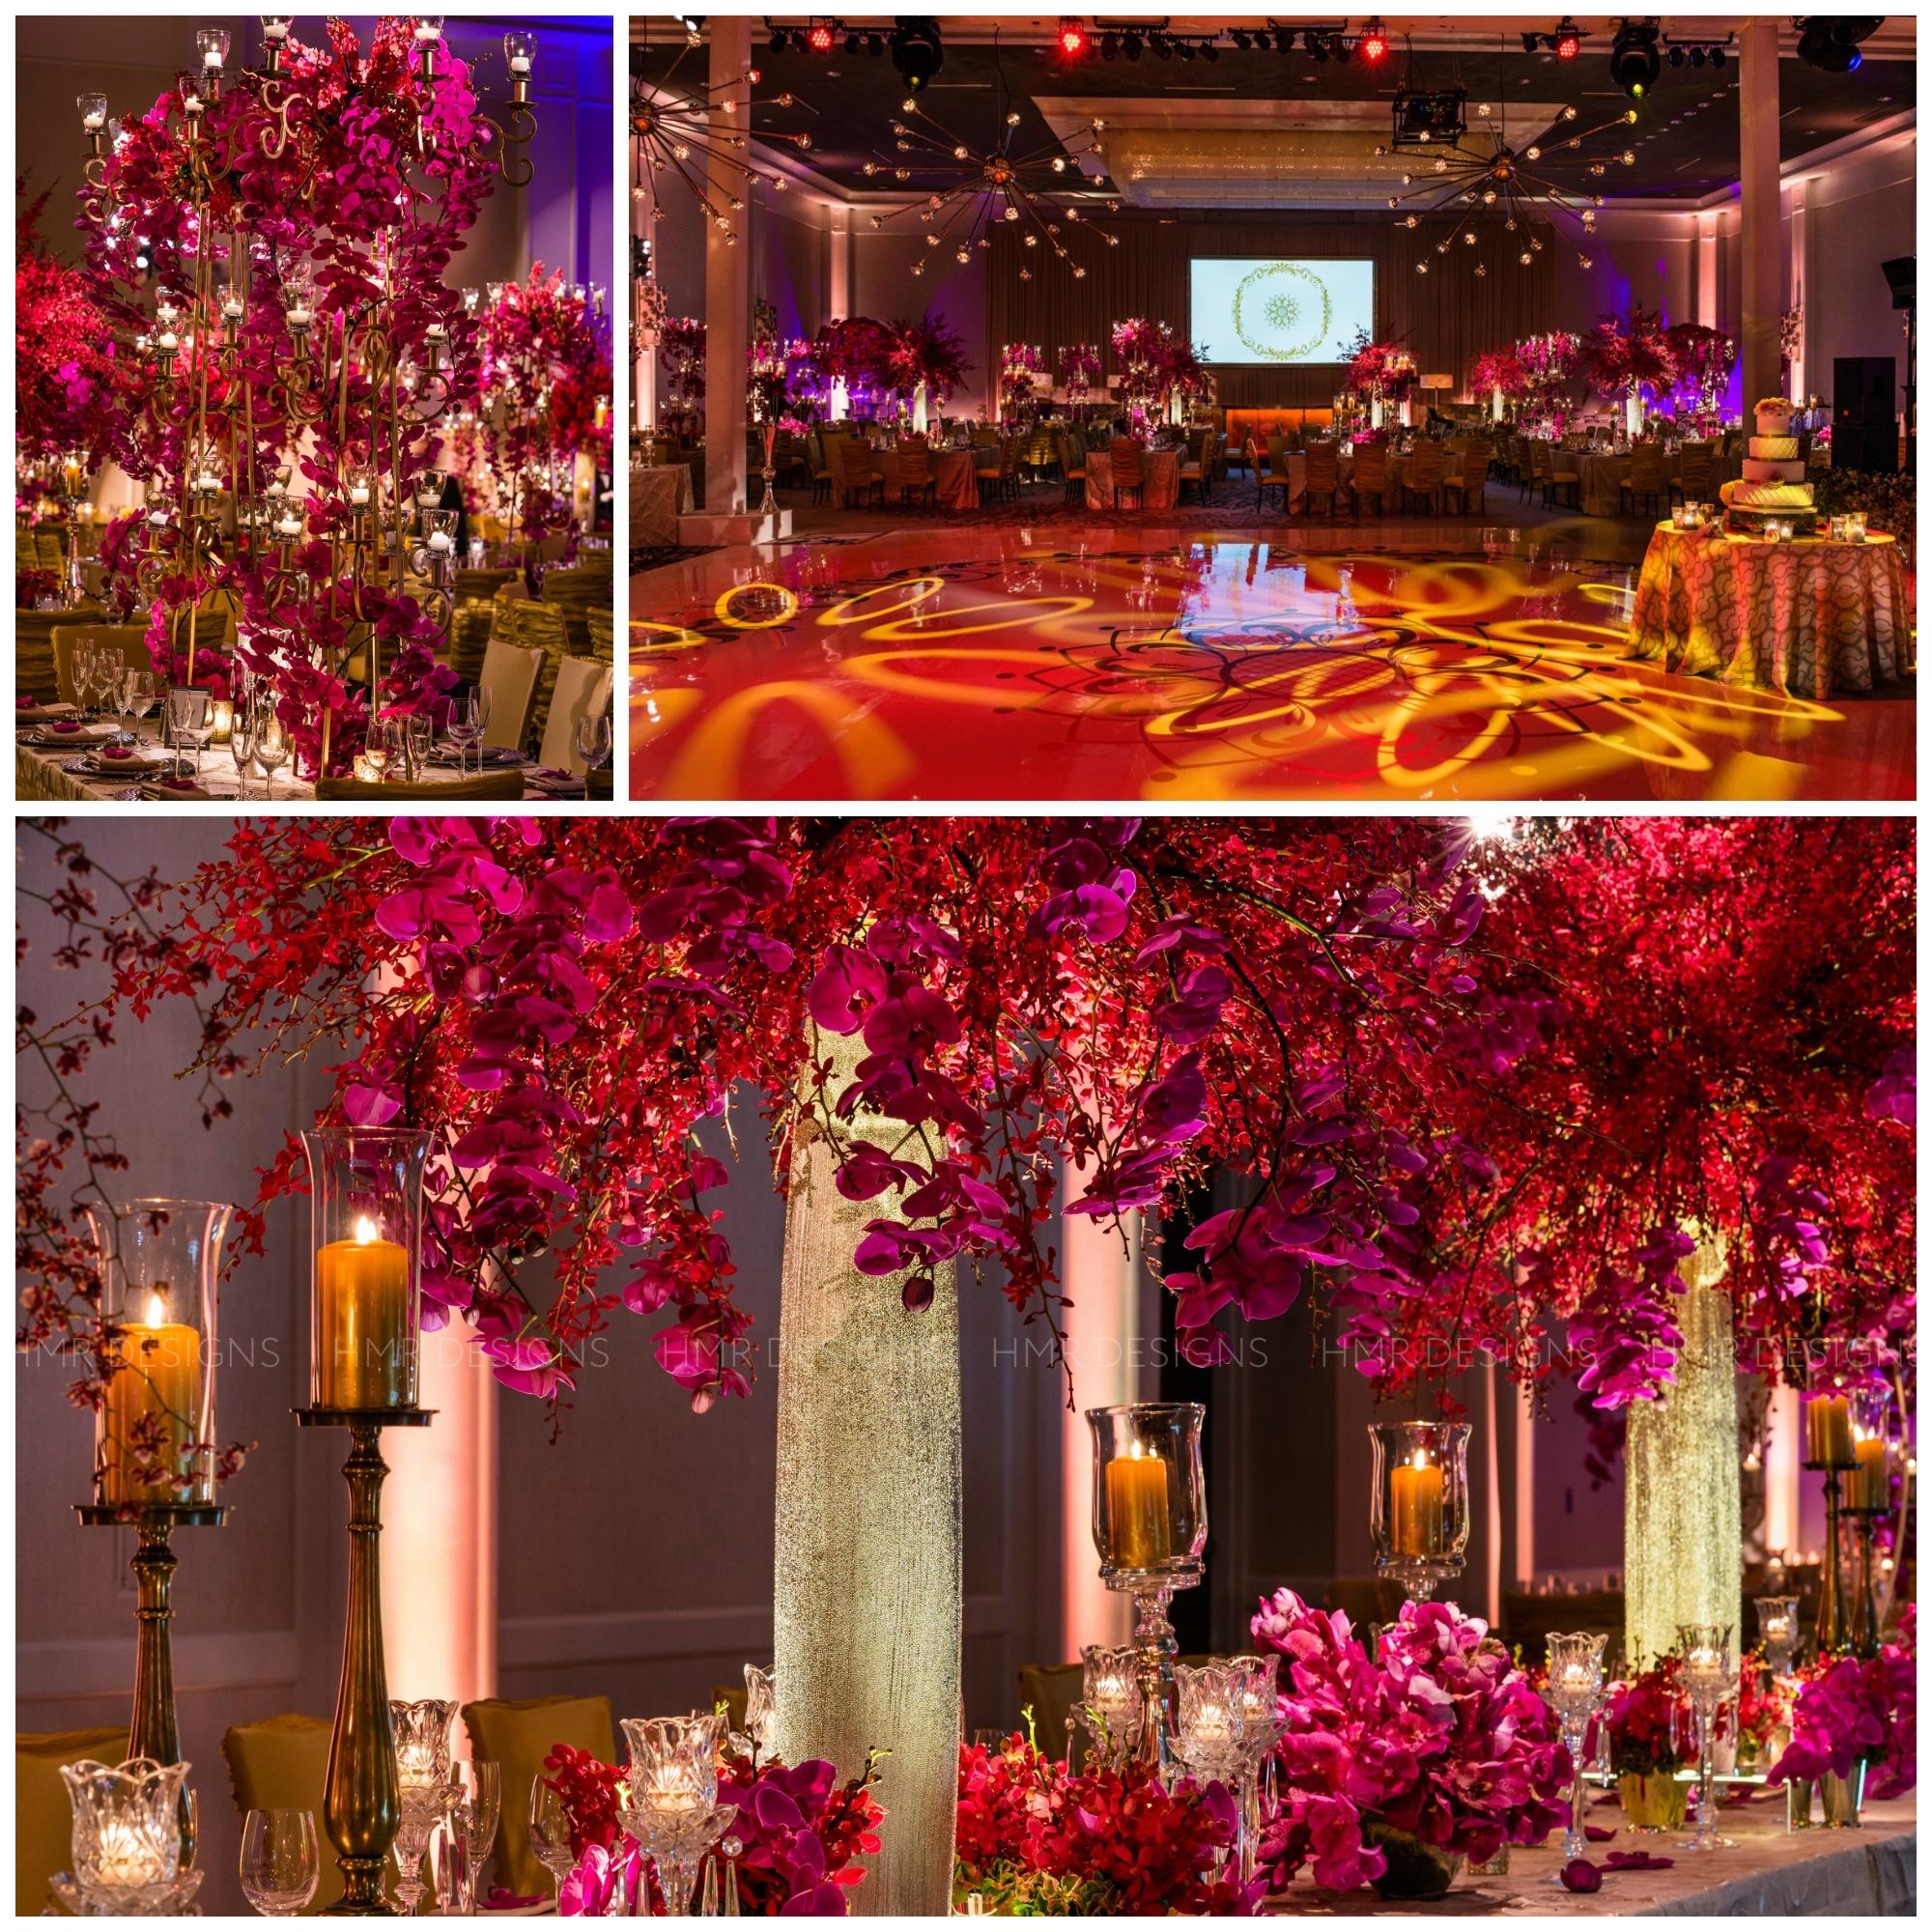 Luxury wedding decor by HMR Designs